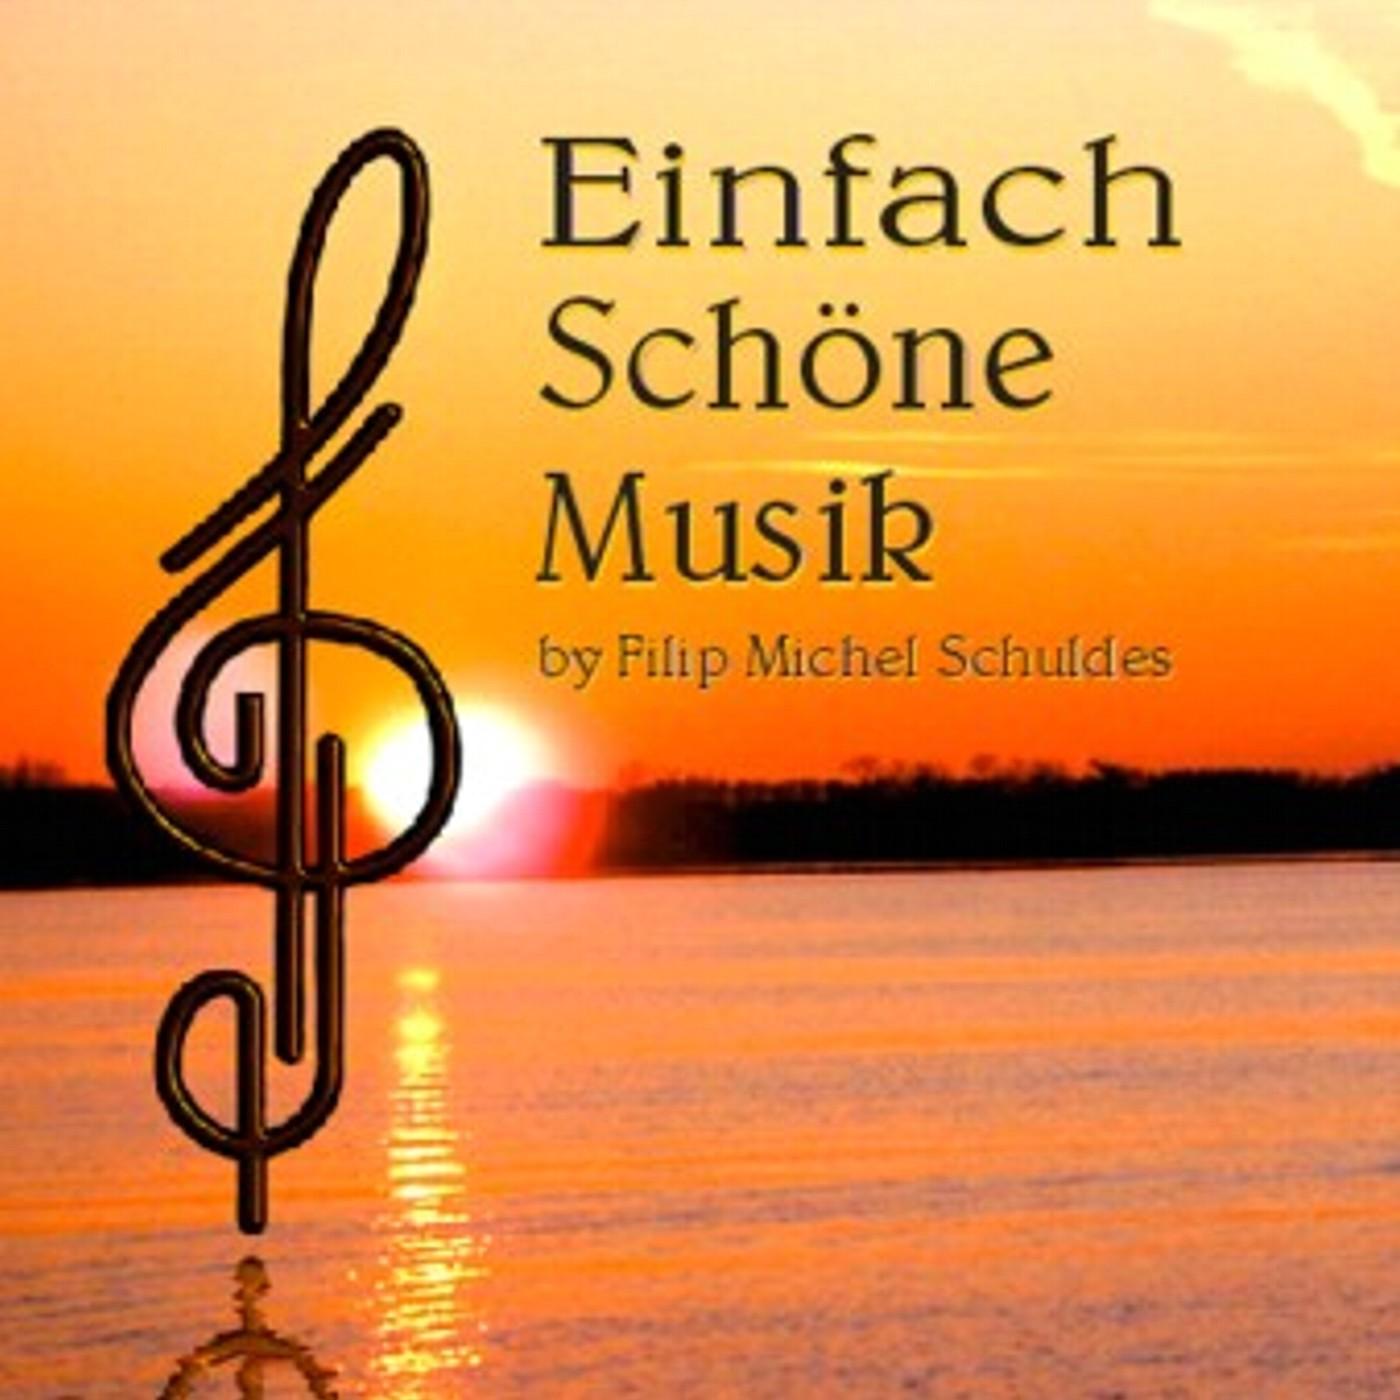 Einfach schöne Musik